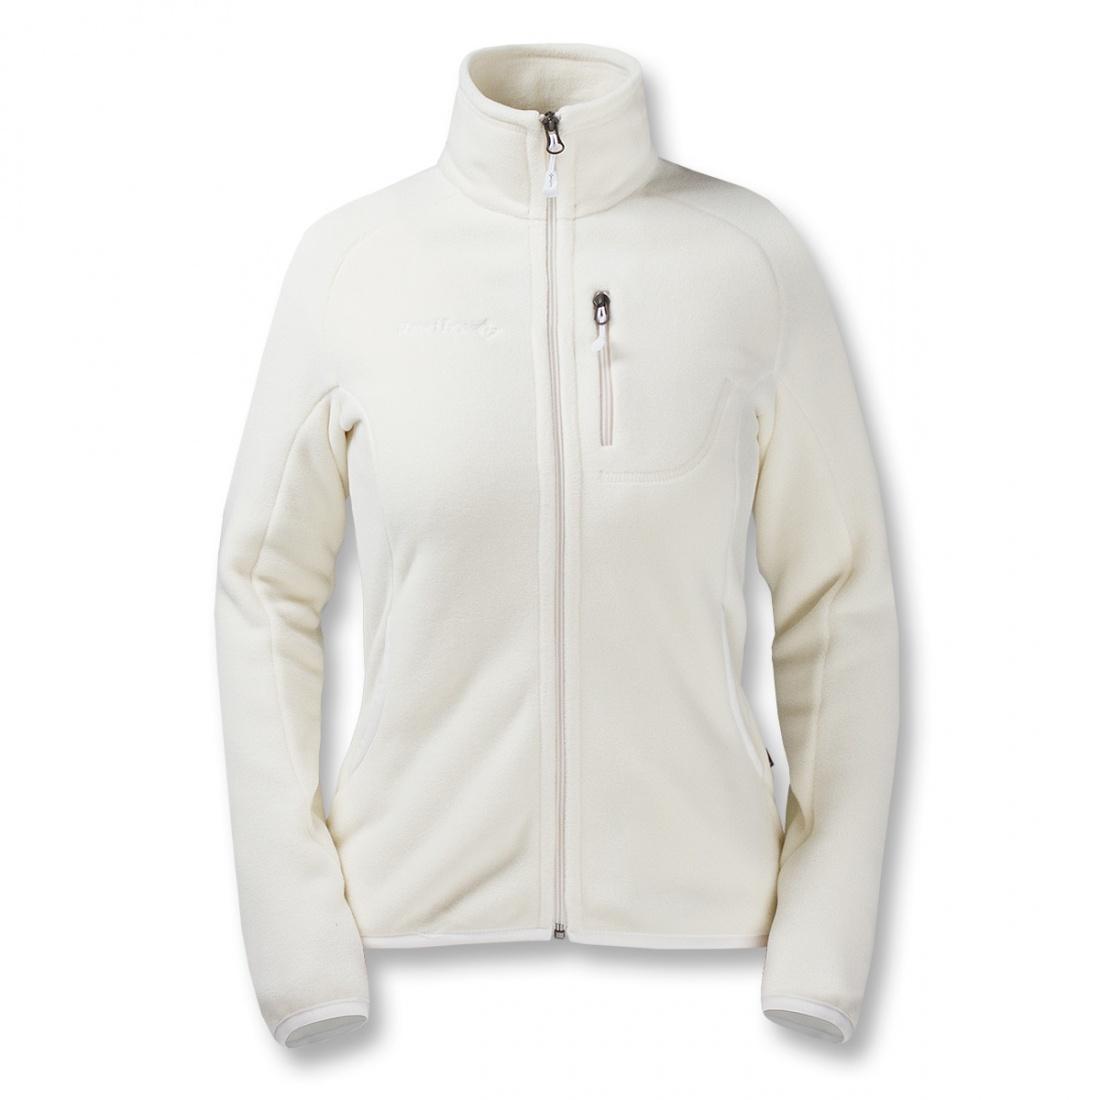 Куртка Peak II ЖенскаяКуртки<br>Эргономичная женская куртка серии Mountain Sport из материала Polartec® Classic 200. Обладает высокими теплоизолирующими и дышащими свойствами, может использоваться в качестве среднего утепляющего слоя. Идеальна для альпинизма и горного туризма.<br><br>...<br><br>Цвет: Белый<br>Размер: 50